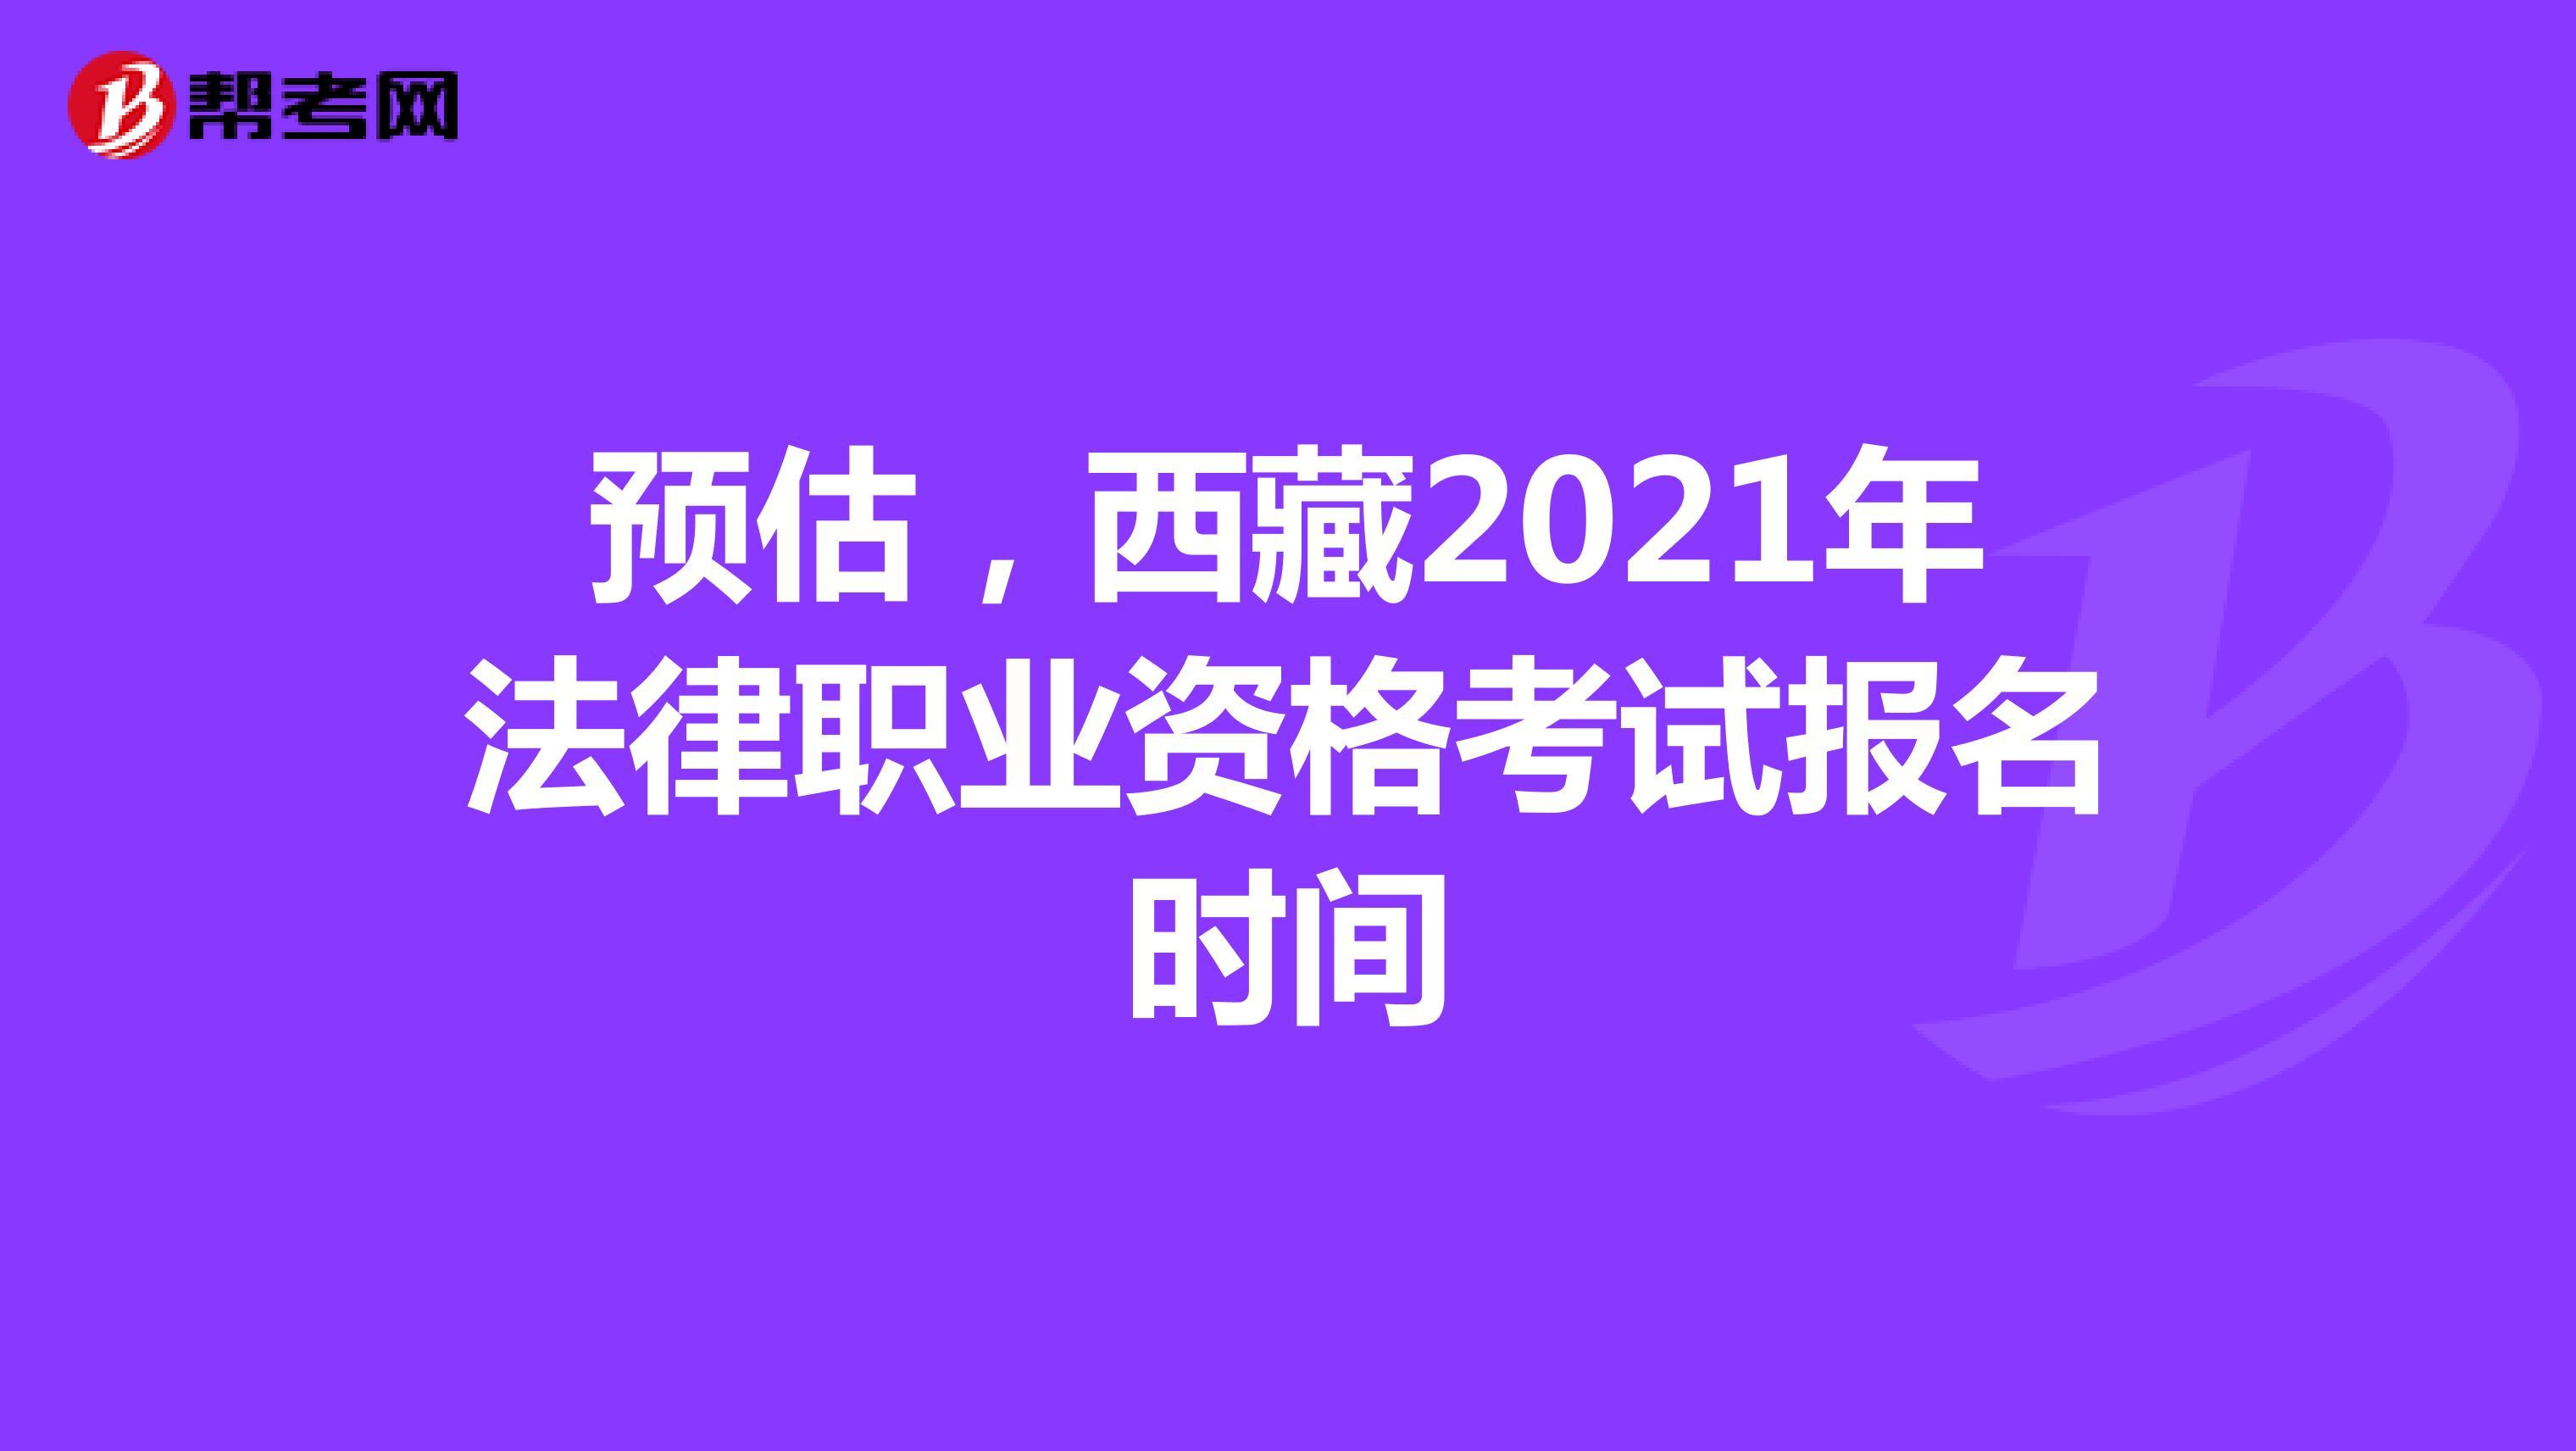 预估,西藏2021年法律职业资格考试报名时间